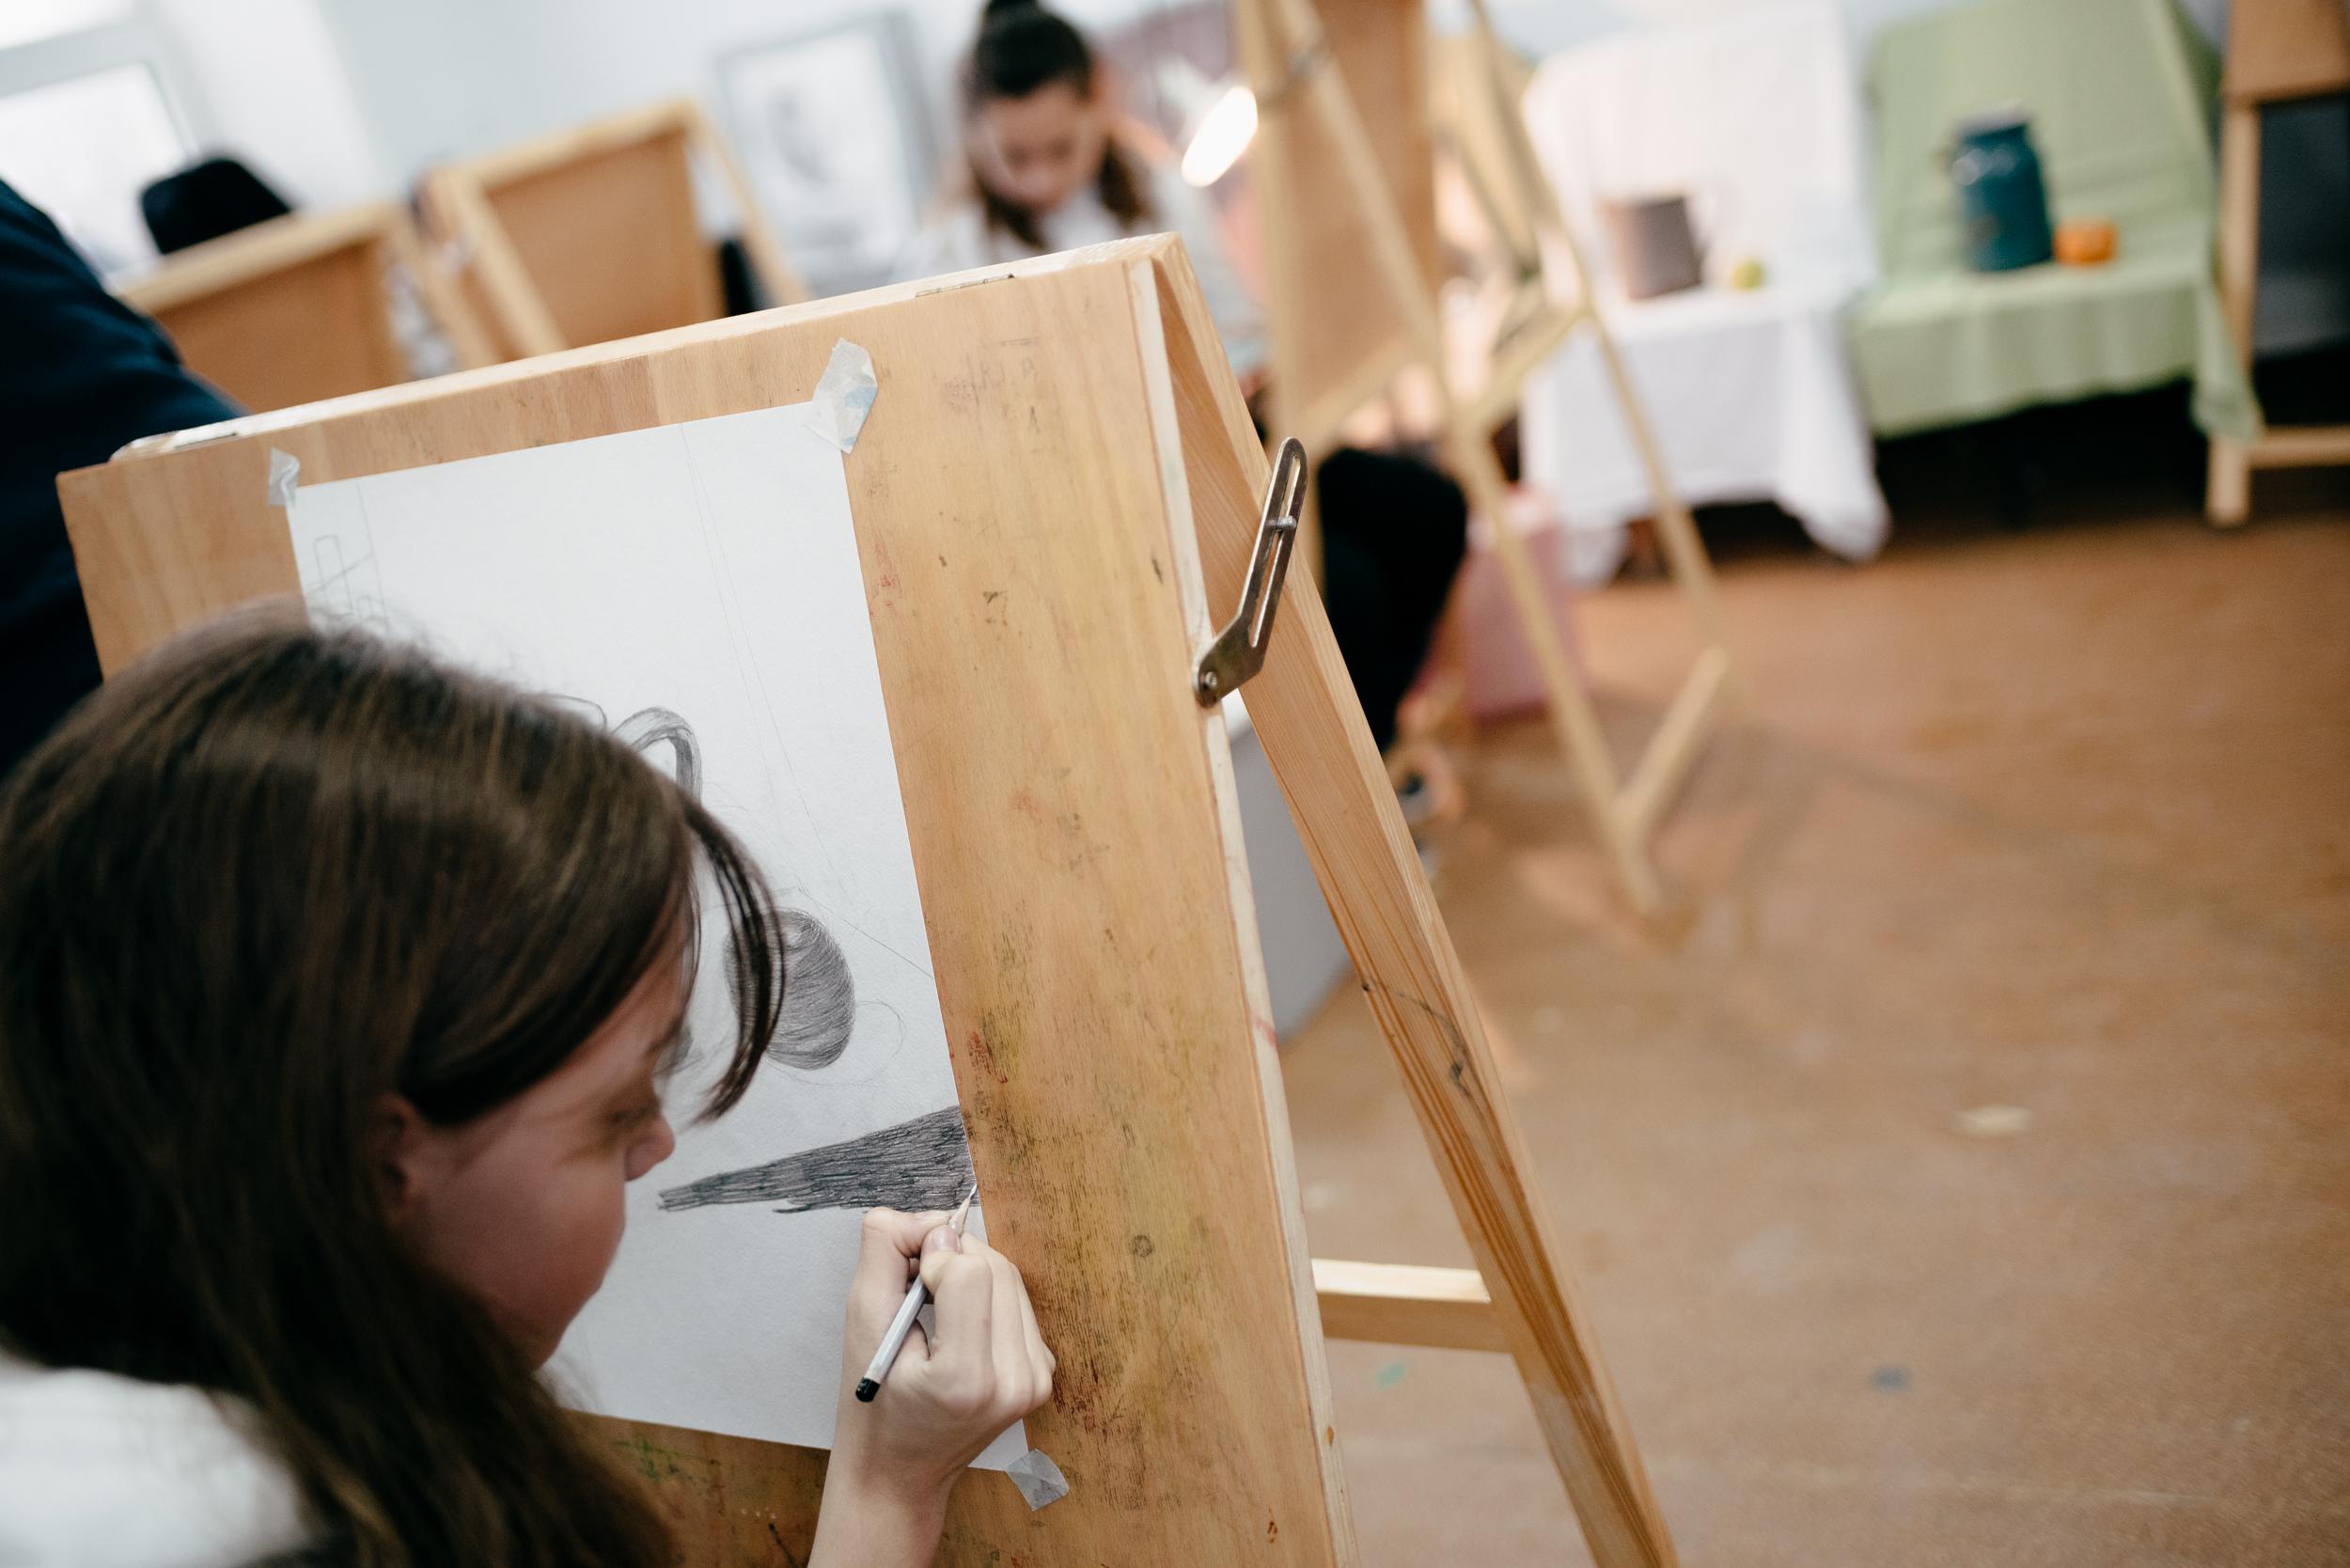 Художники своим творчеством рассказывают о гагаузском народе – его обычаях и национальной культуре